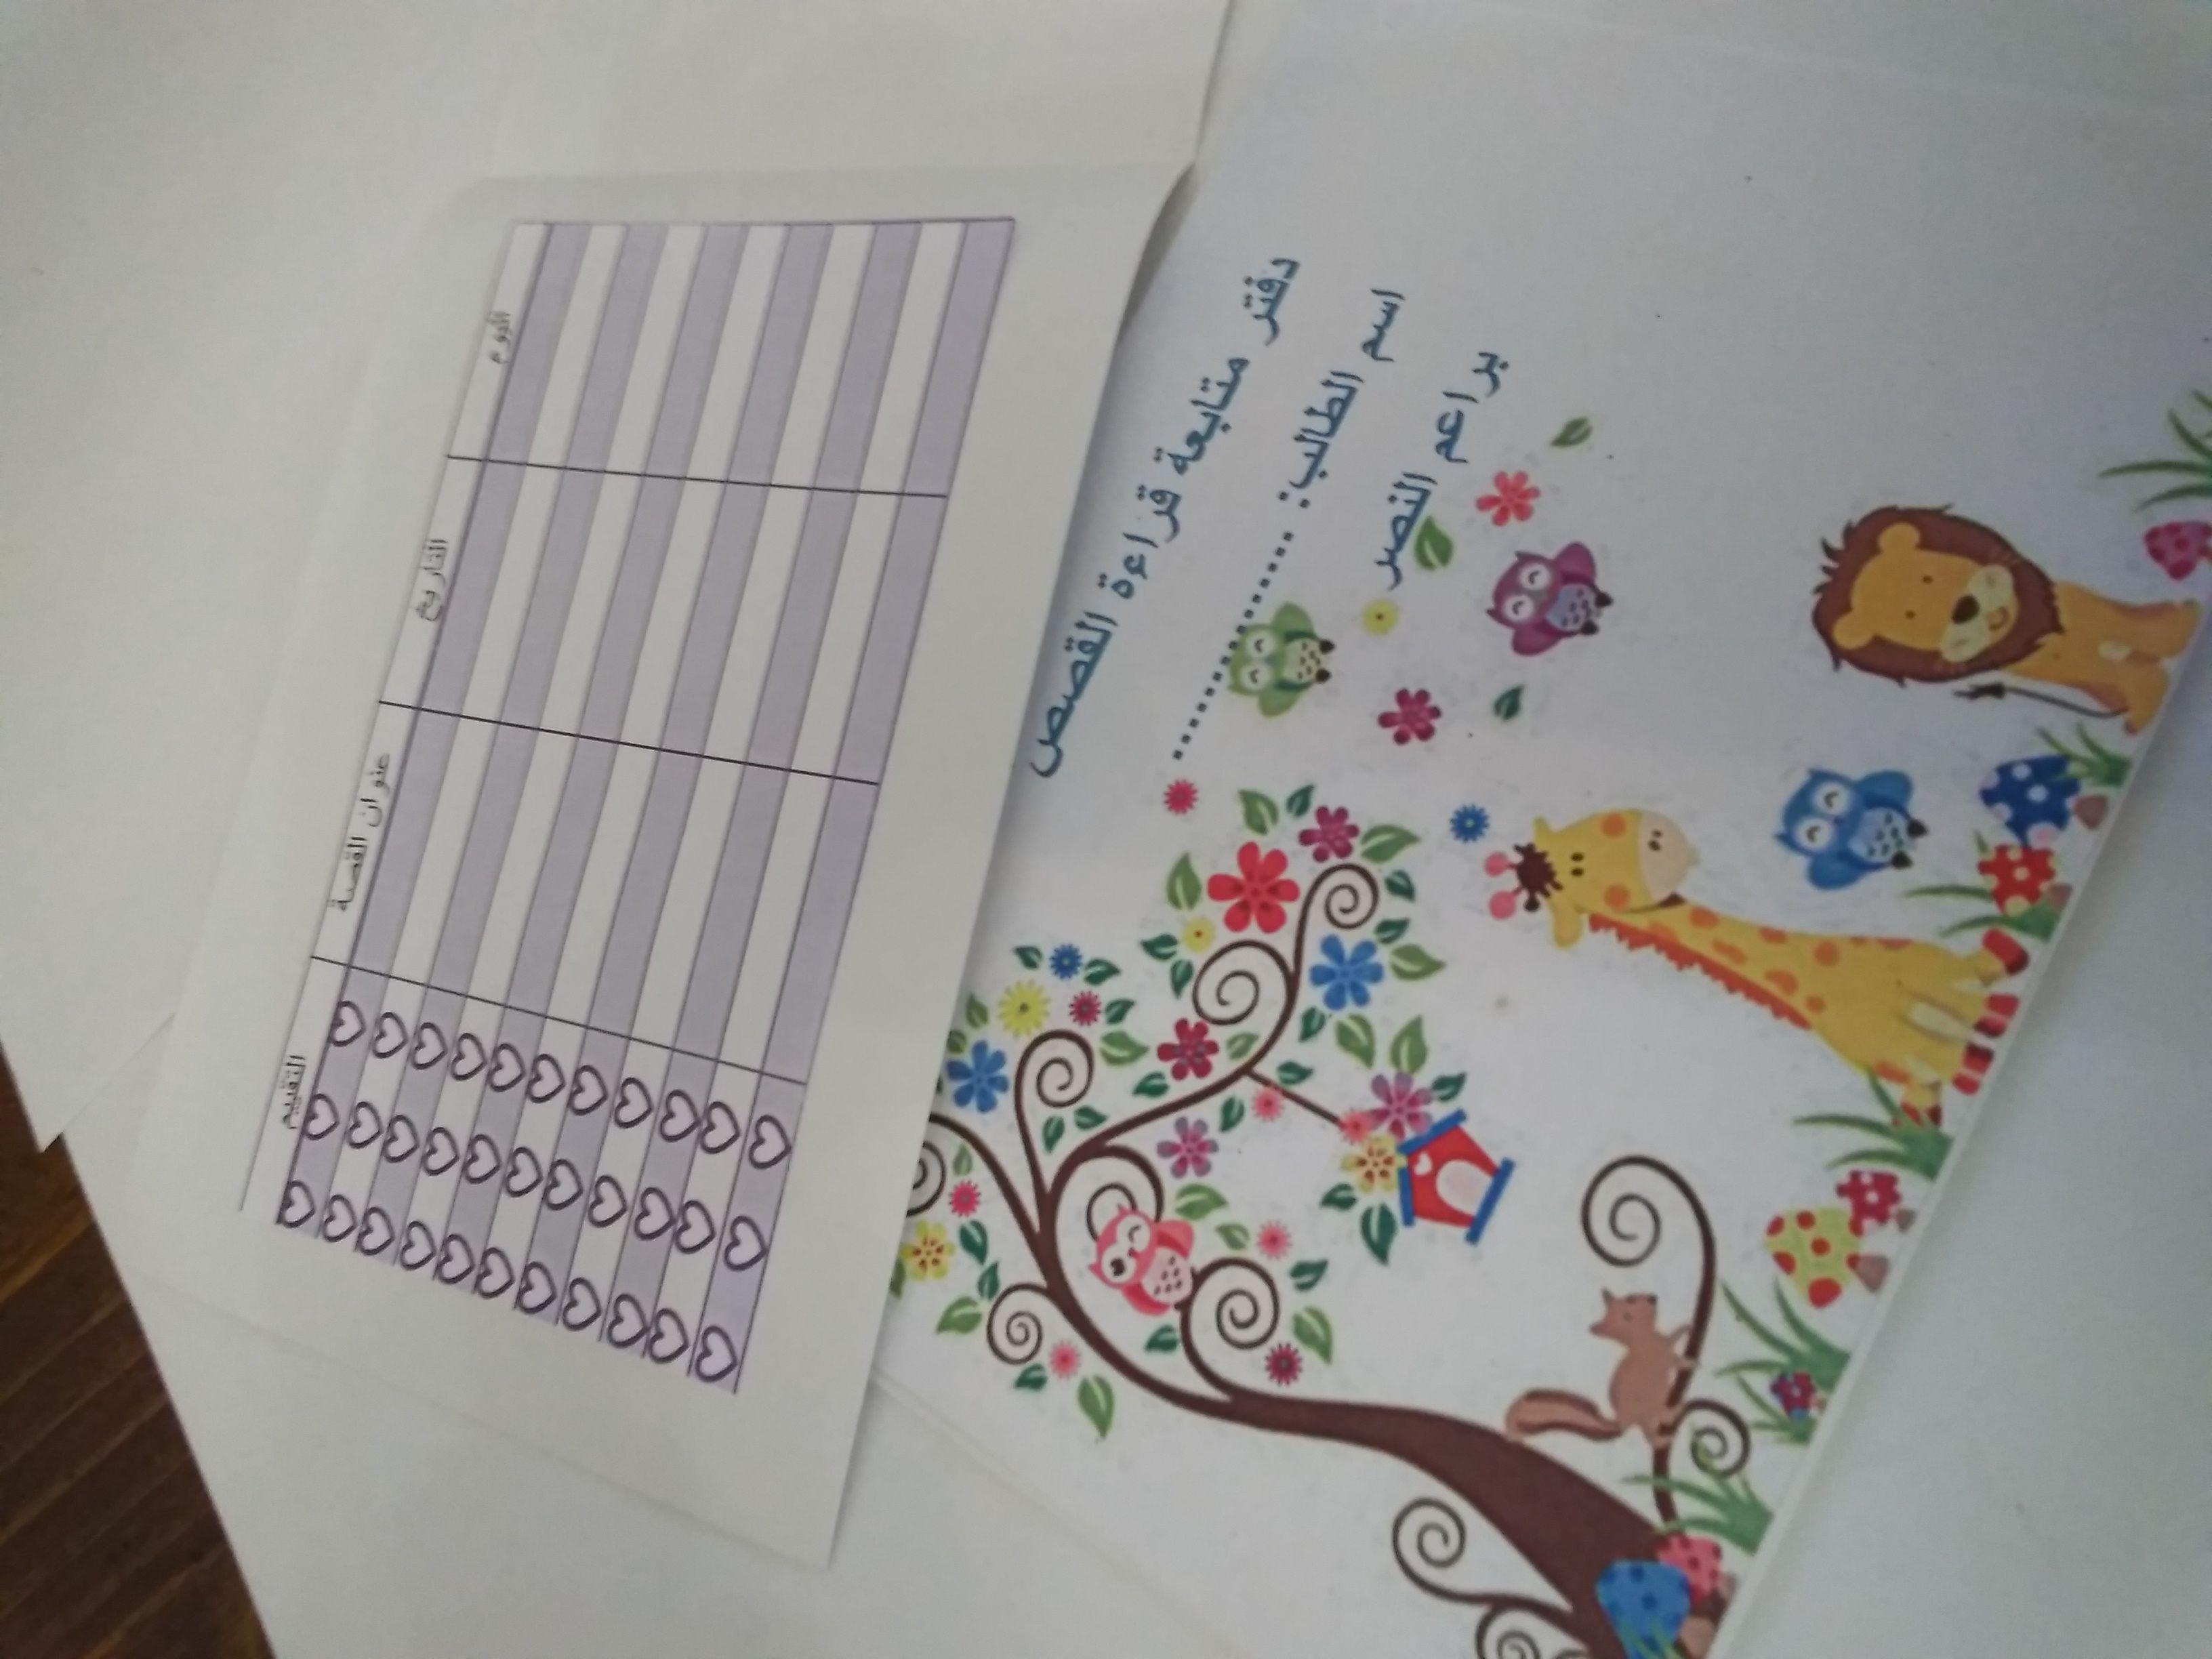 لغة عربية دفتر متابعة القراءة لتشجيع القراءة Activities For Kids Activities Math